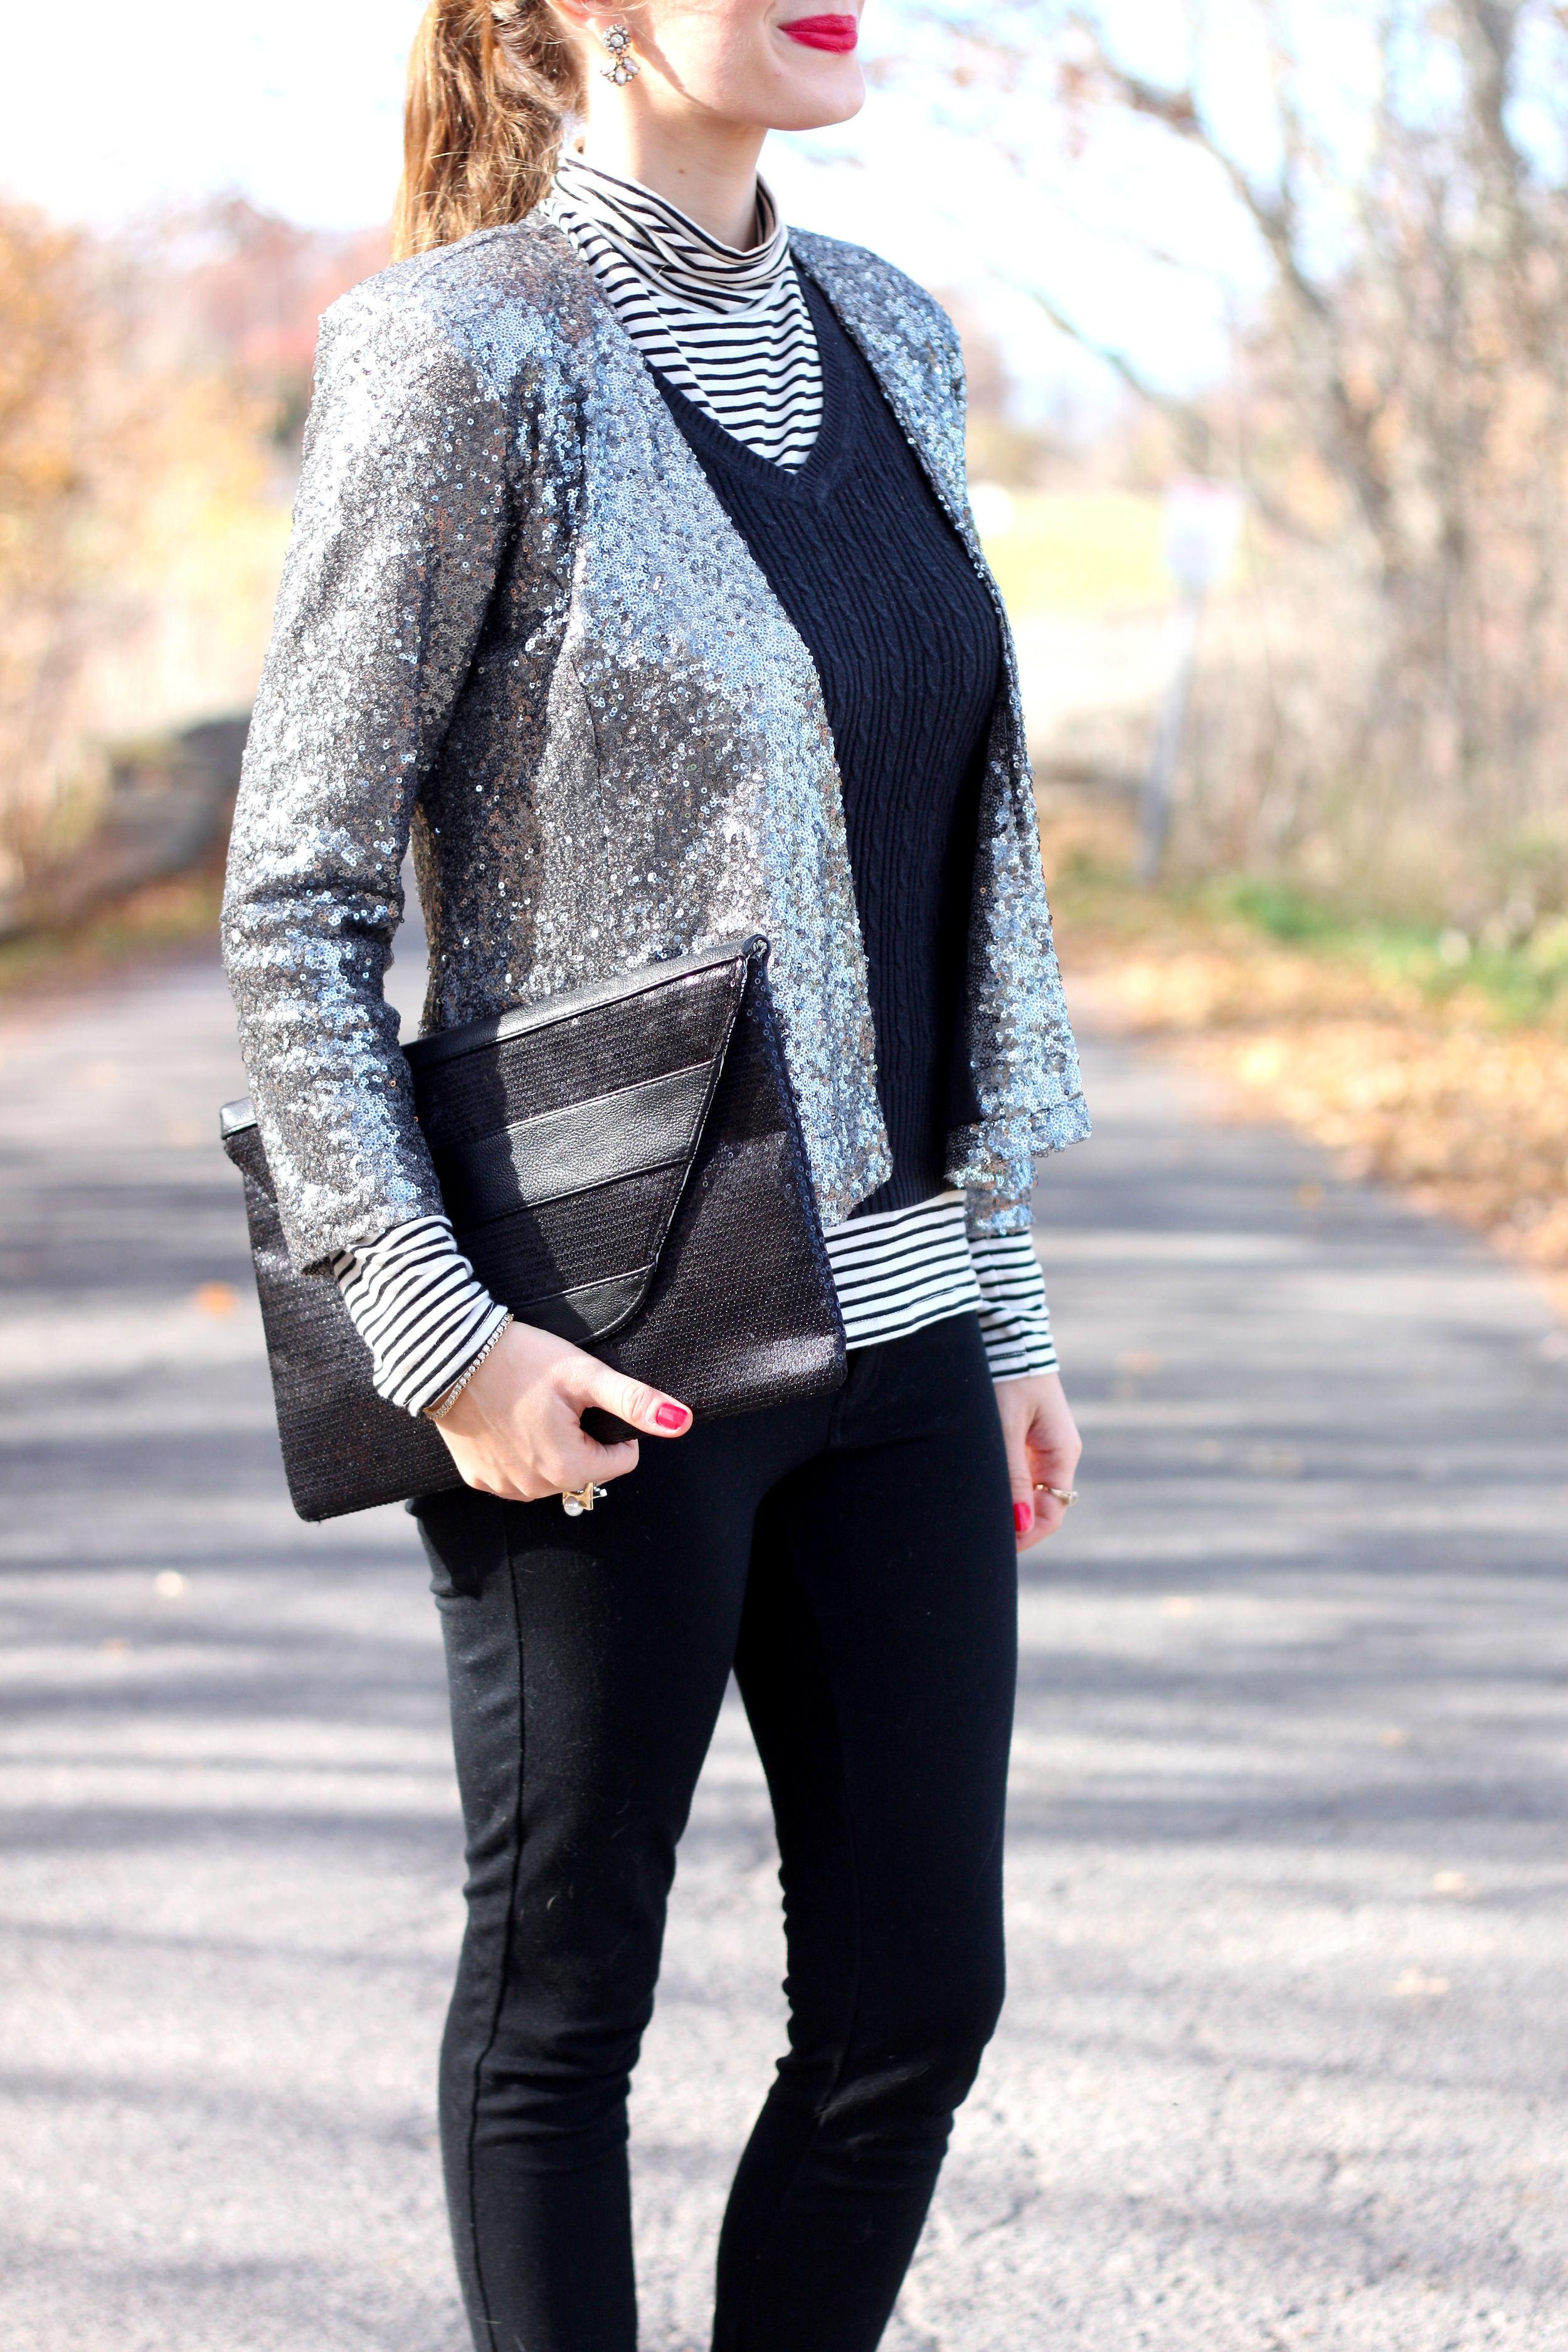 Sequin Jacket-Enchanting Elegance